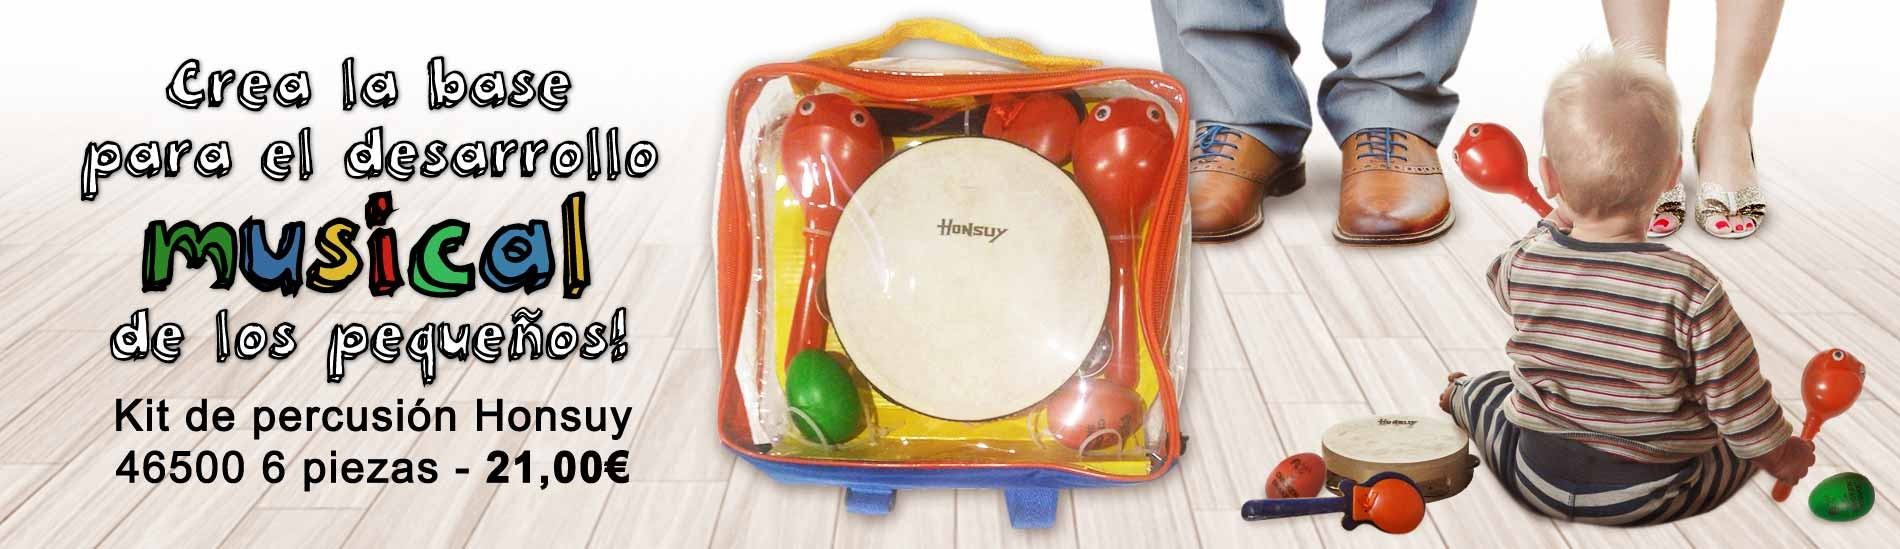 Instrumentos Orff - Crie la base para el desarrollo musical de los pequeños!